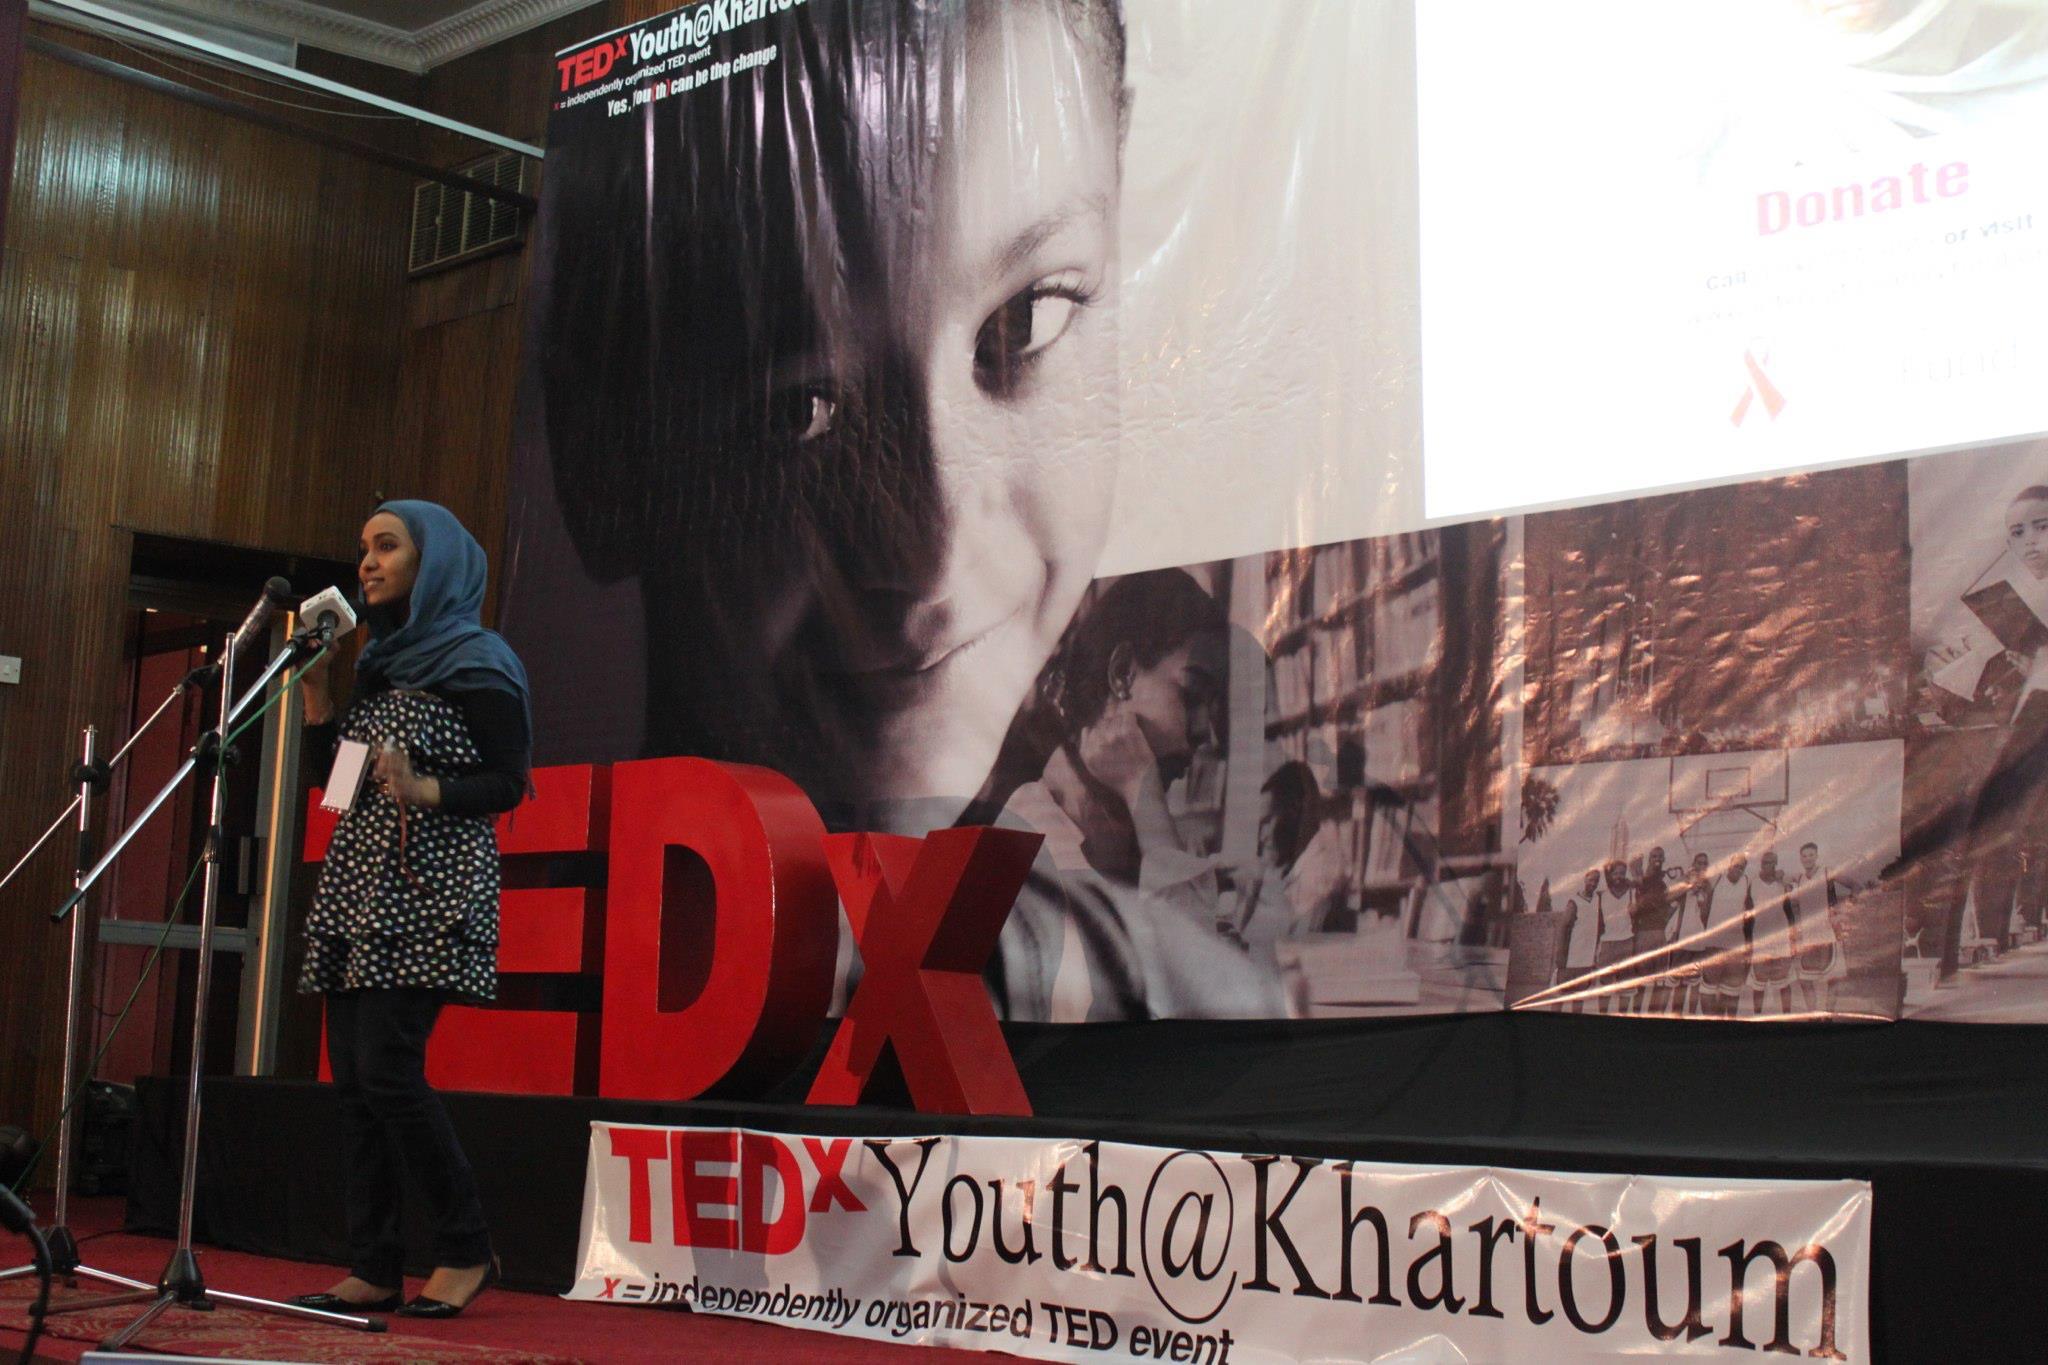 Tedx Youth Speaker and public Speaker -